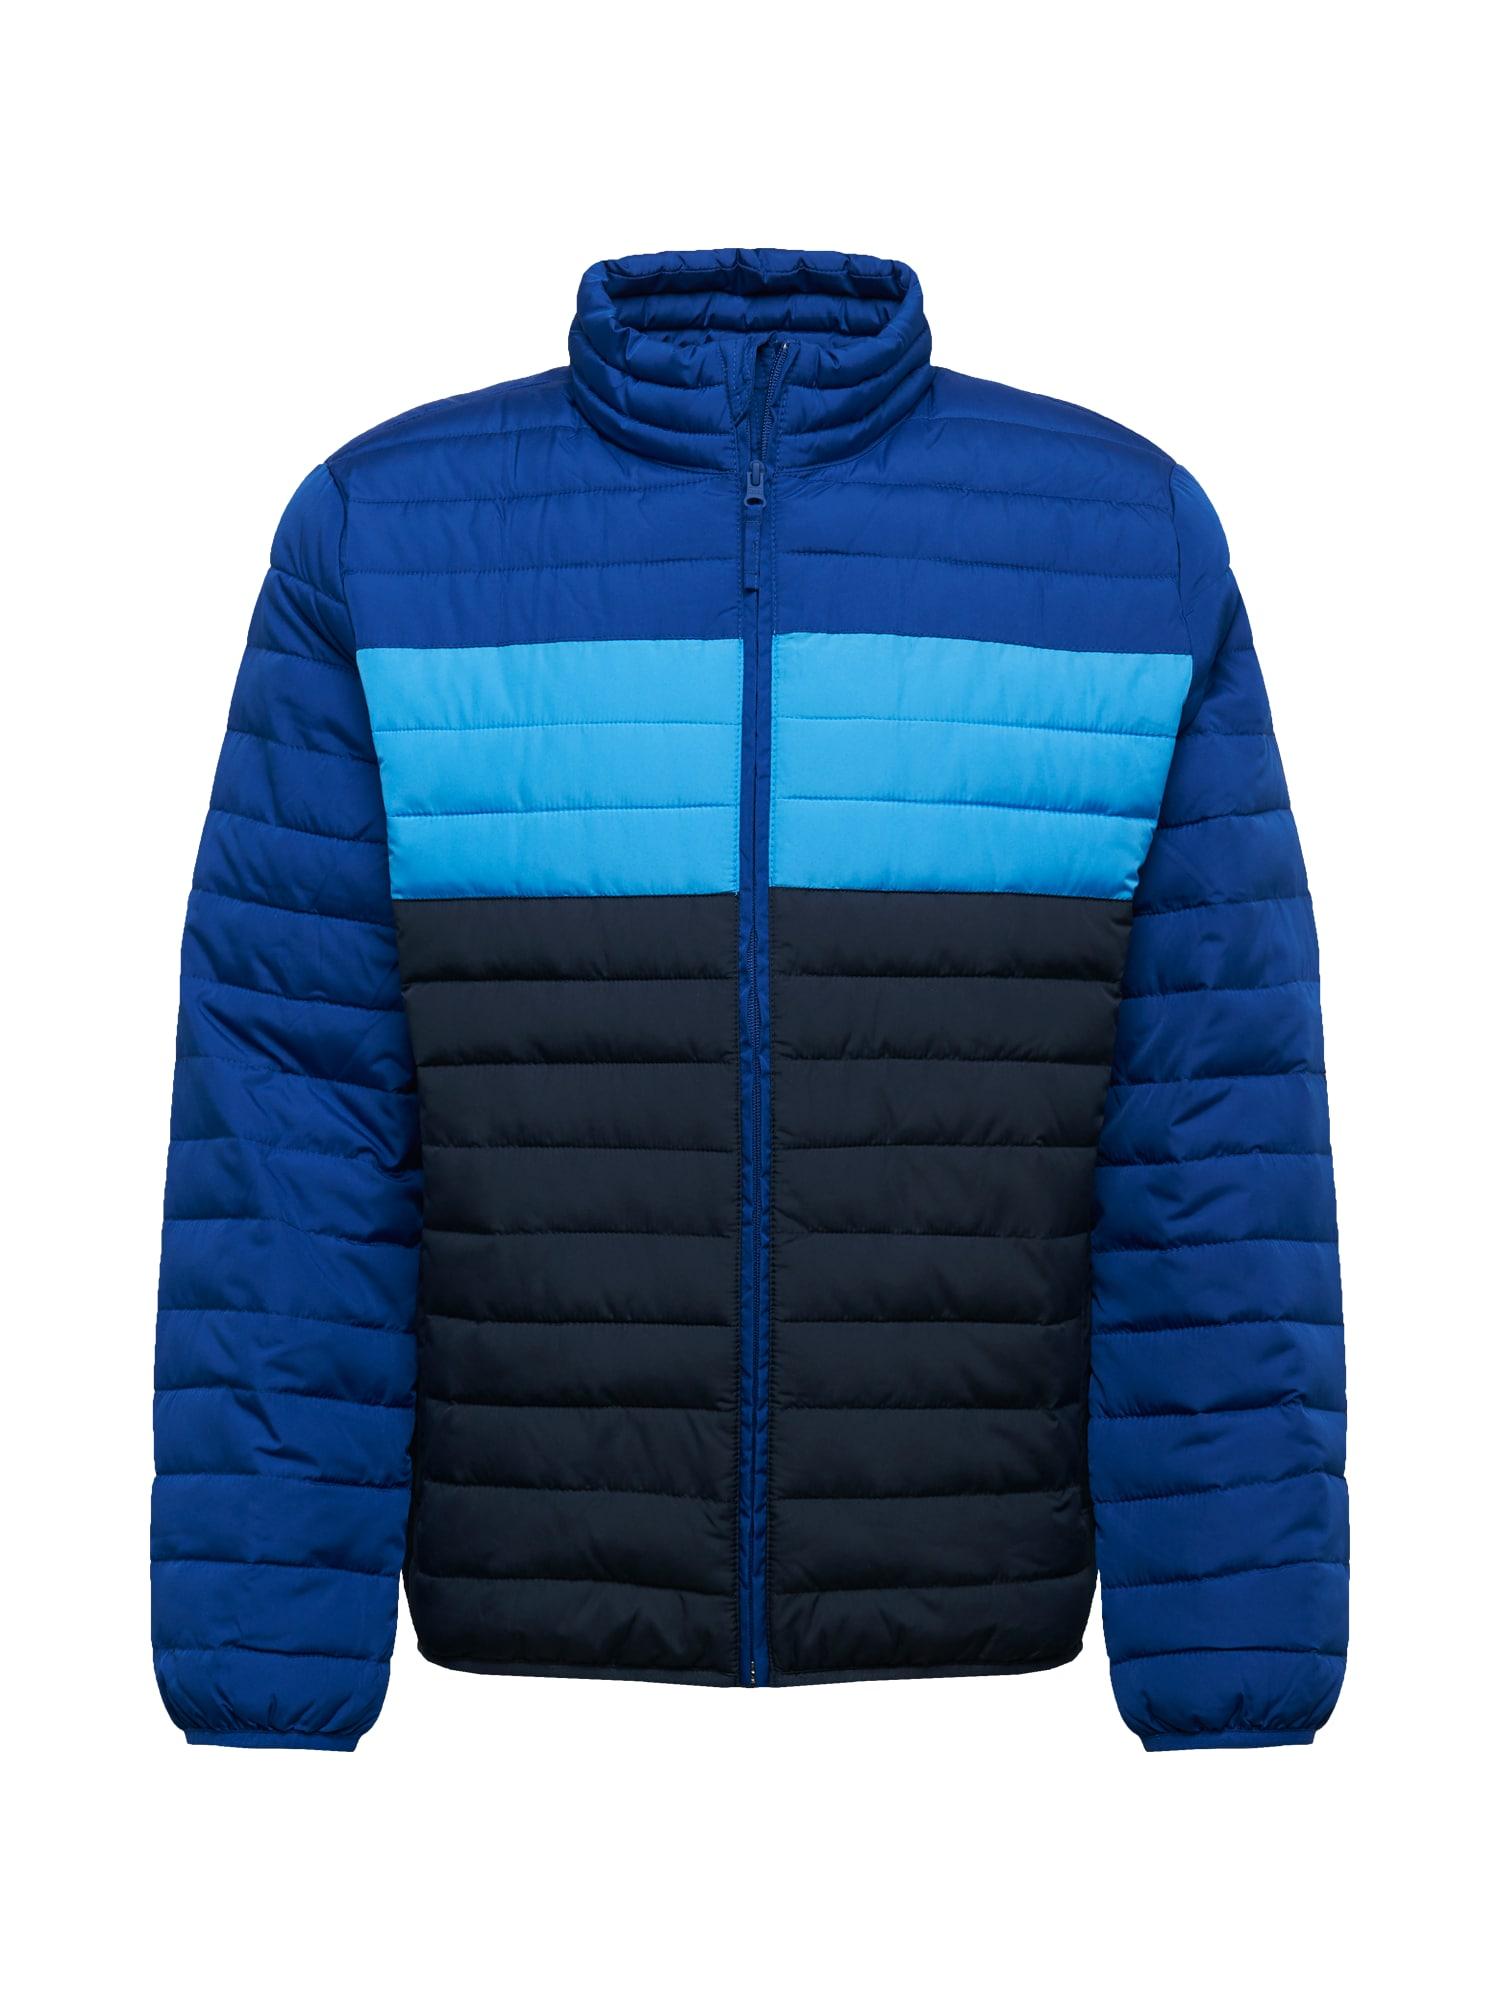 GAP Demisezoninė striukė mėlyna / vandens spalva / tamsiai mėlyna